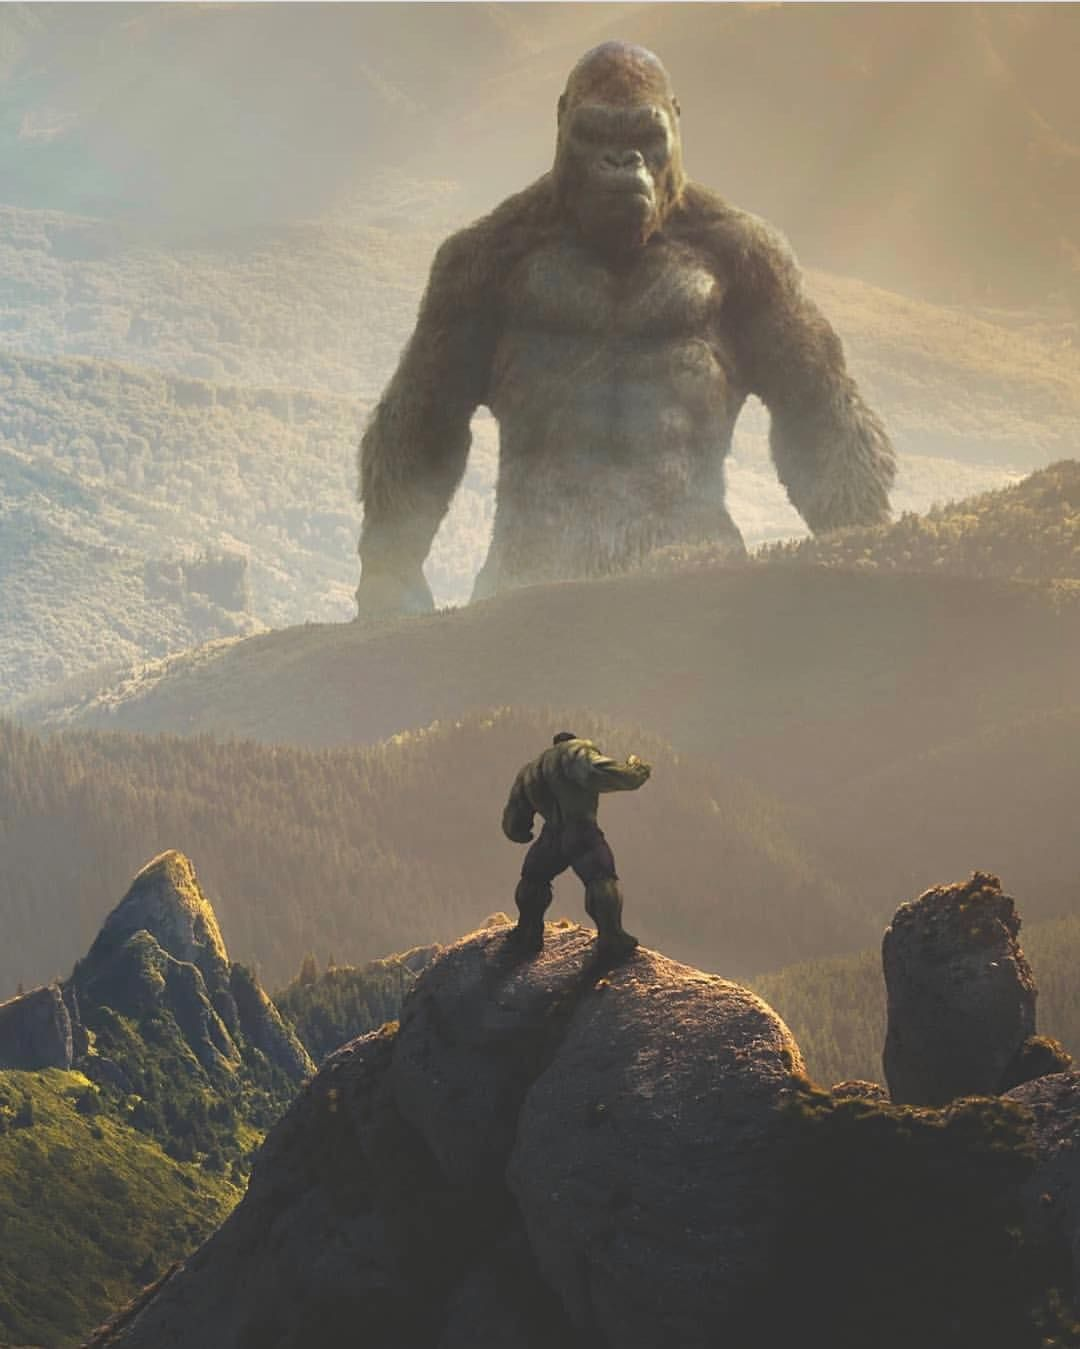 King Kong Vs Hulk Movie Wowwww this mas...